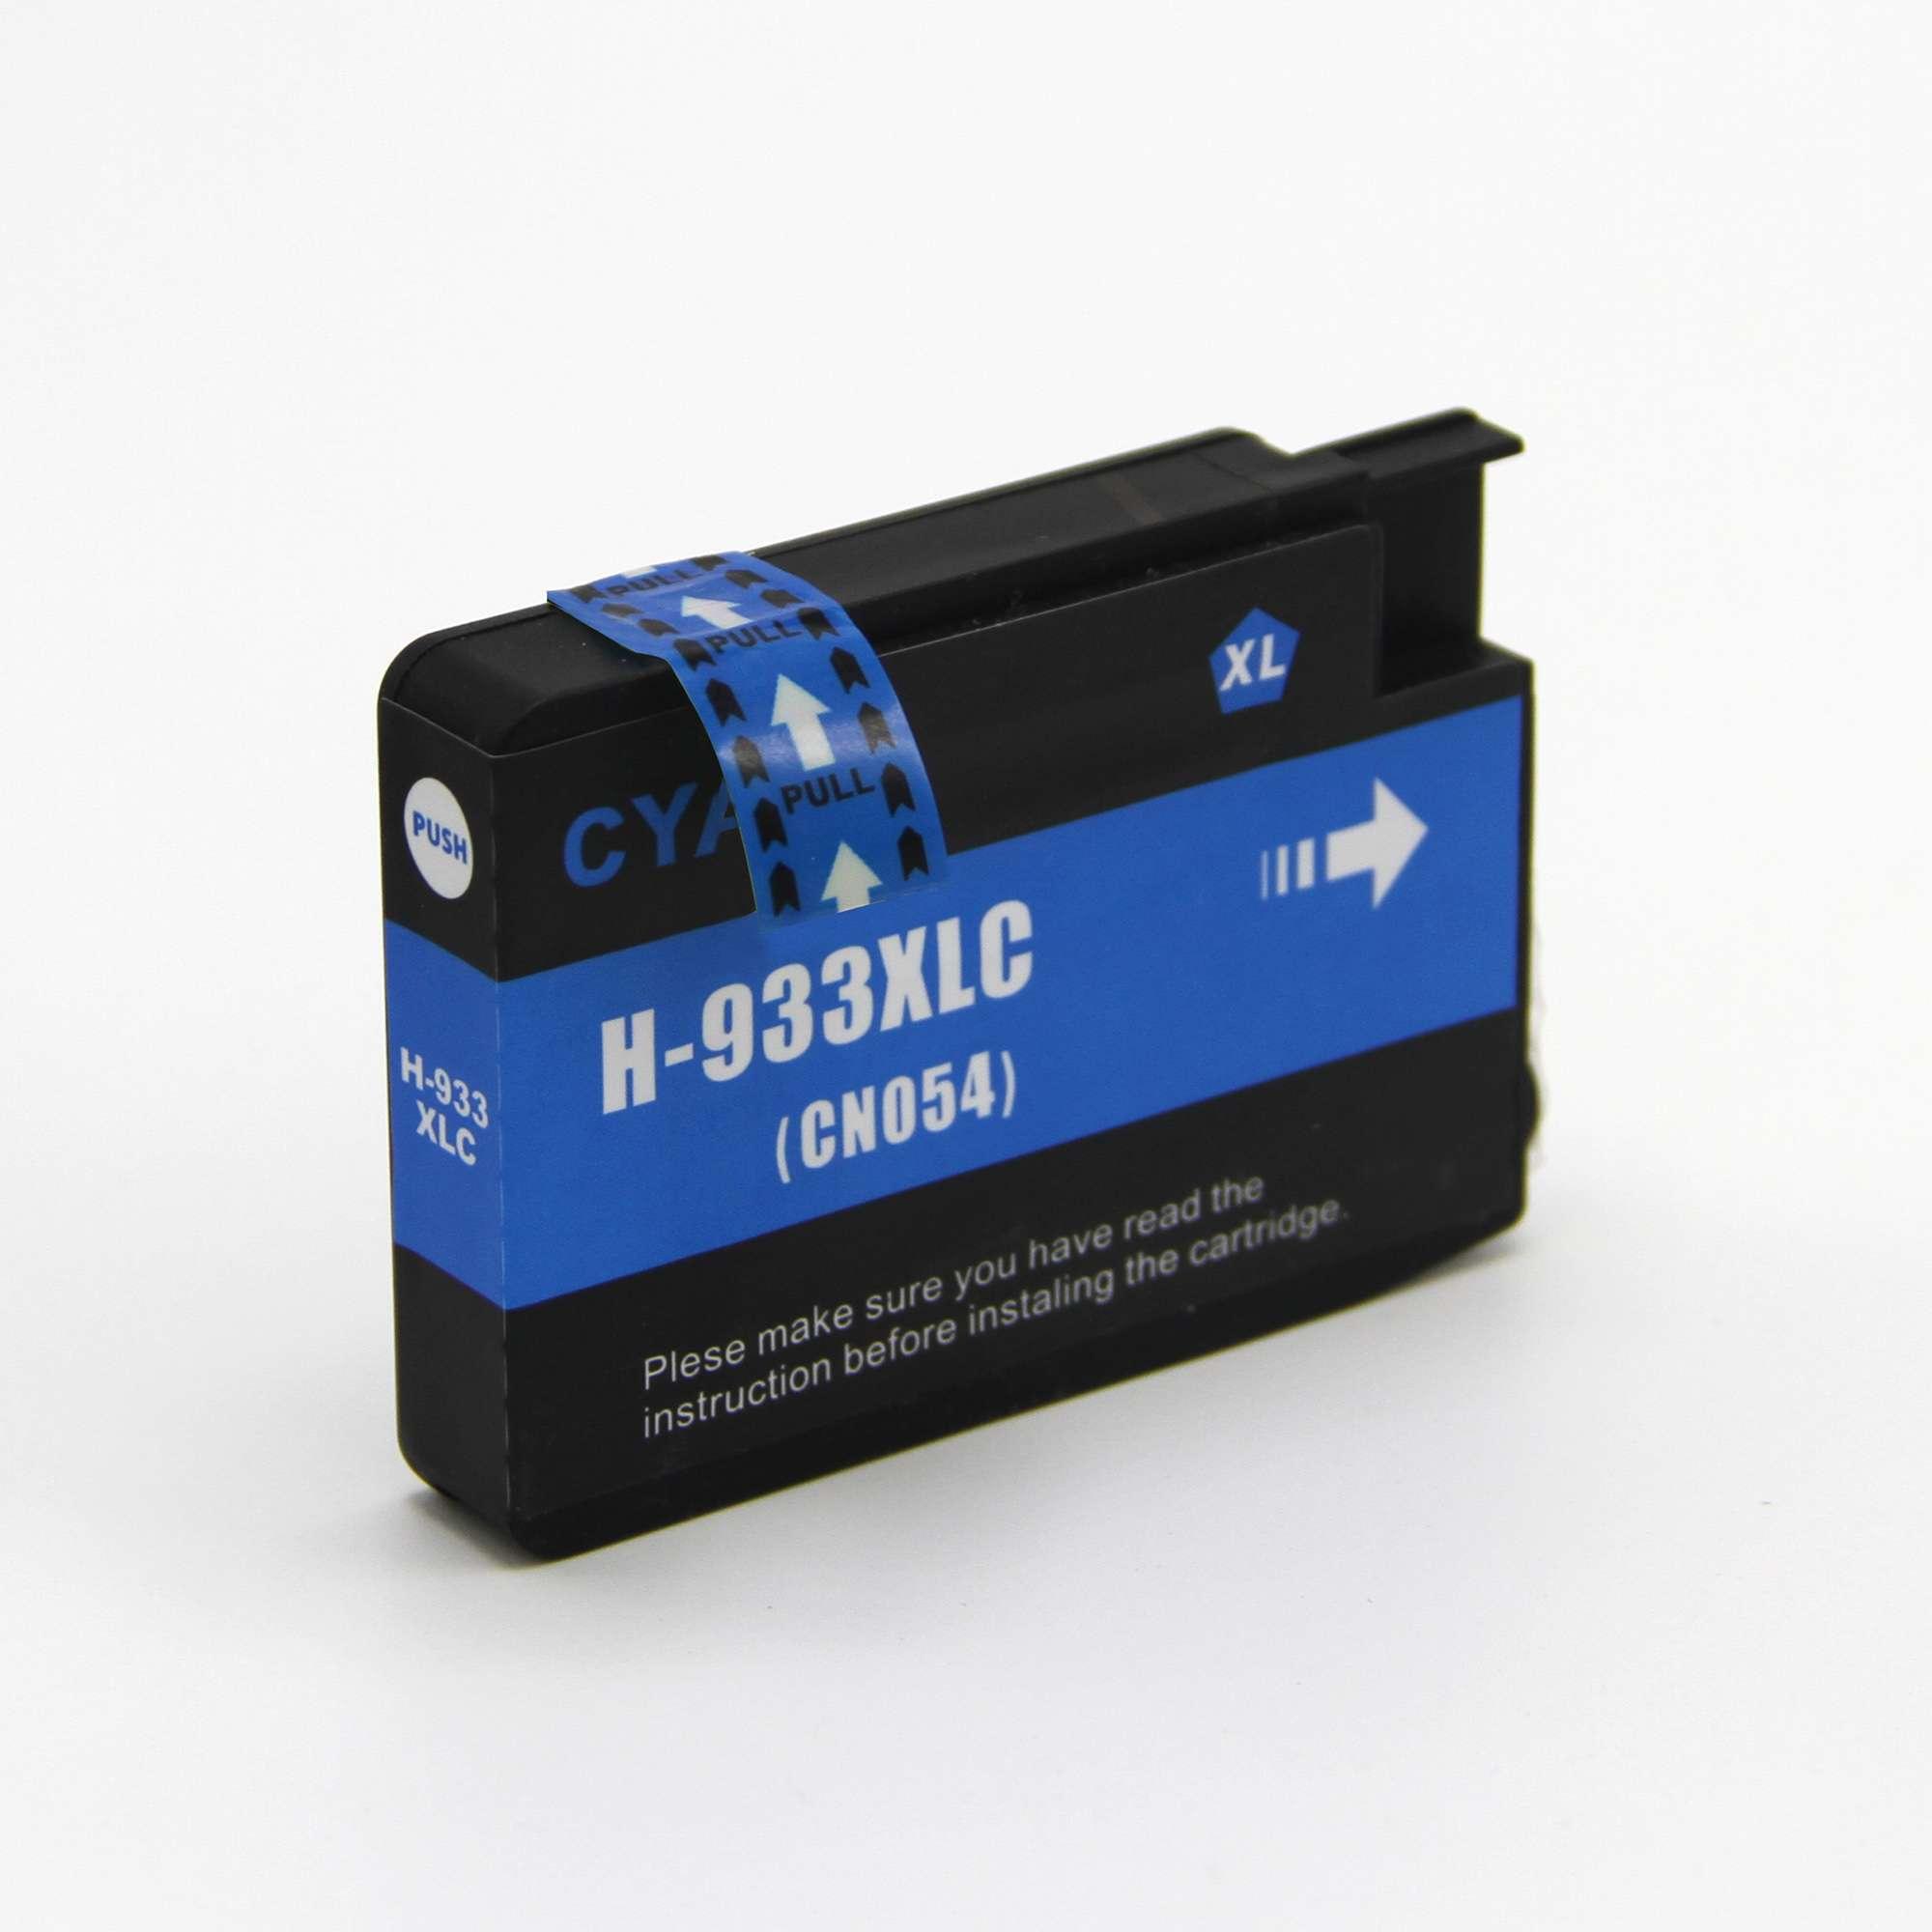 HP H-933XLC Cyan Ink Cartridge